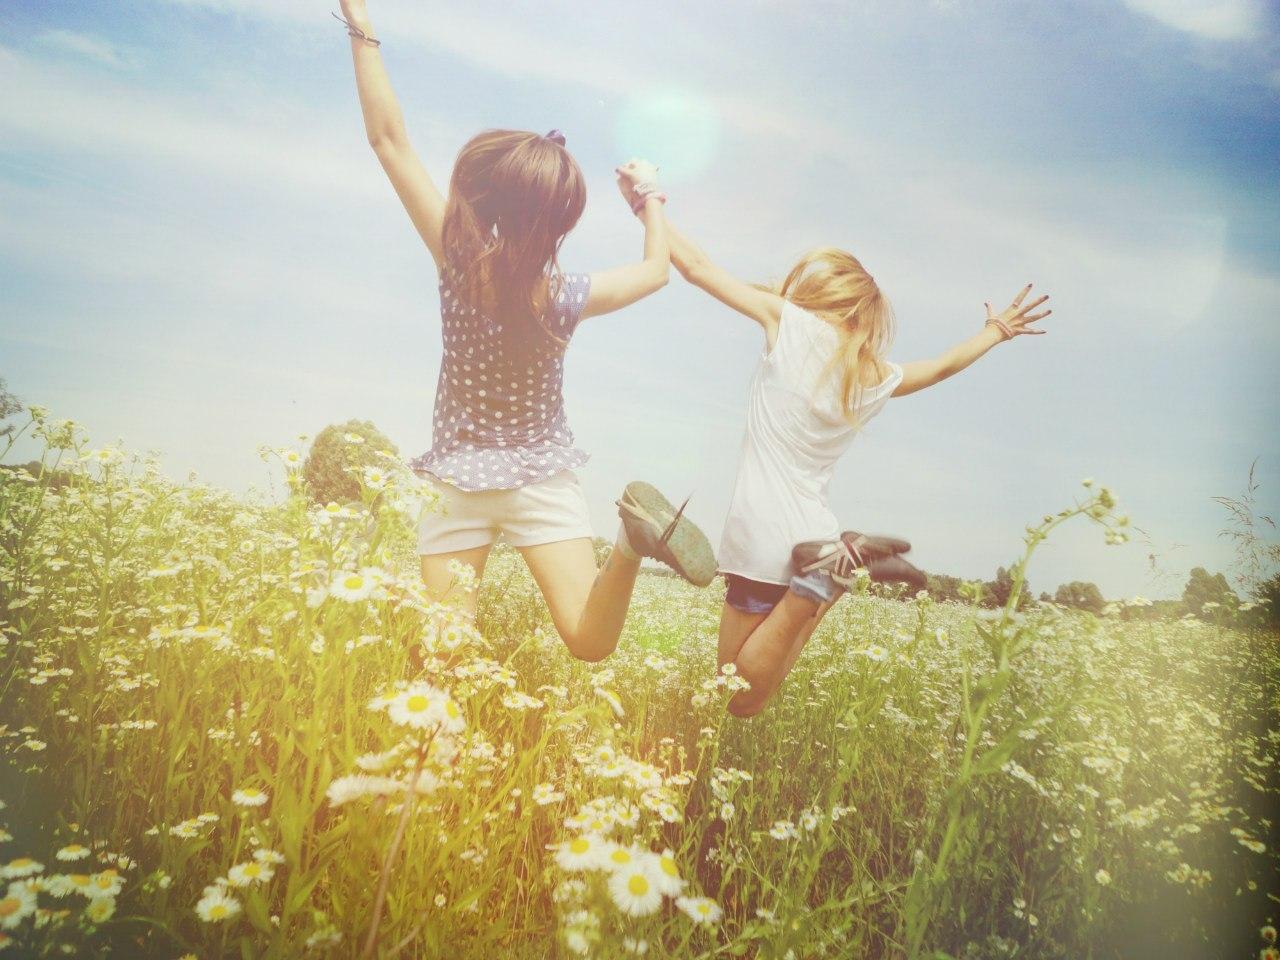 популярные картинки про дружбу свое время ругали